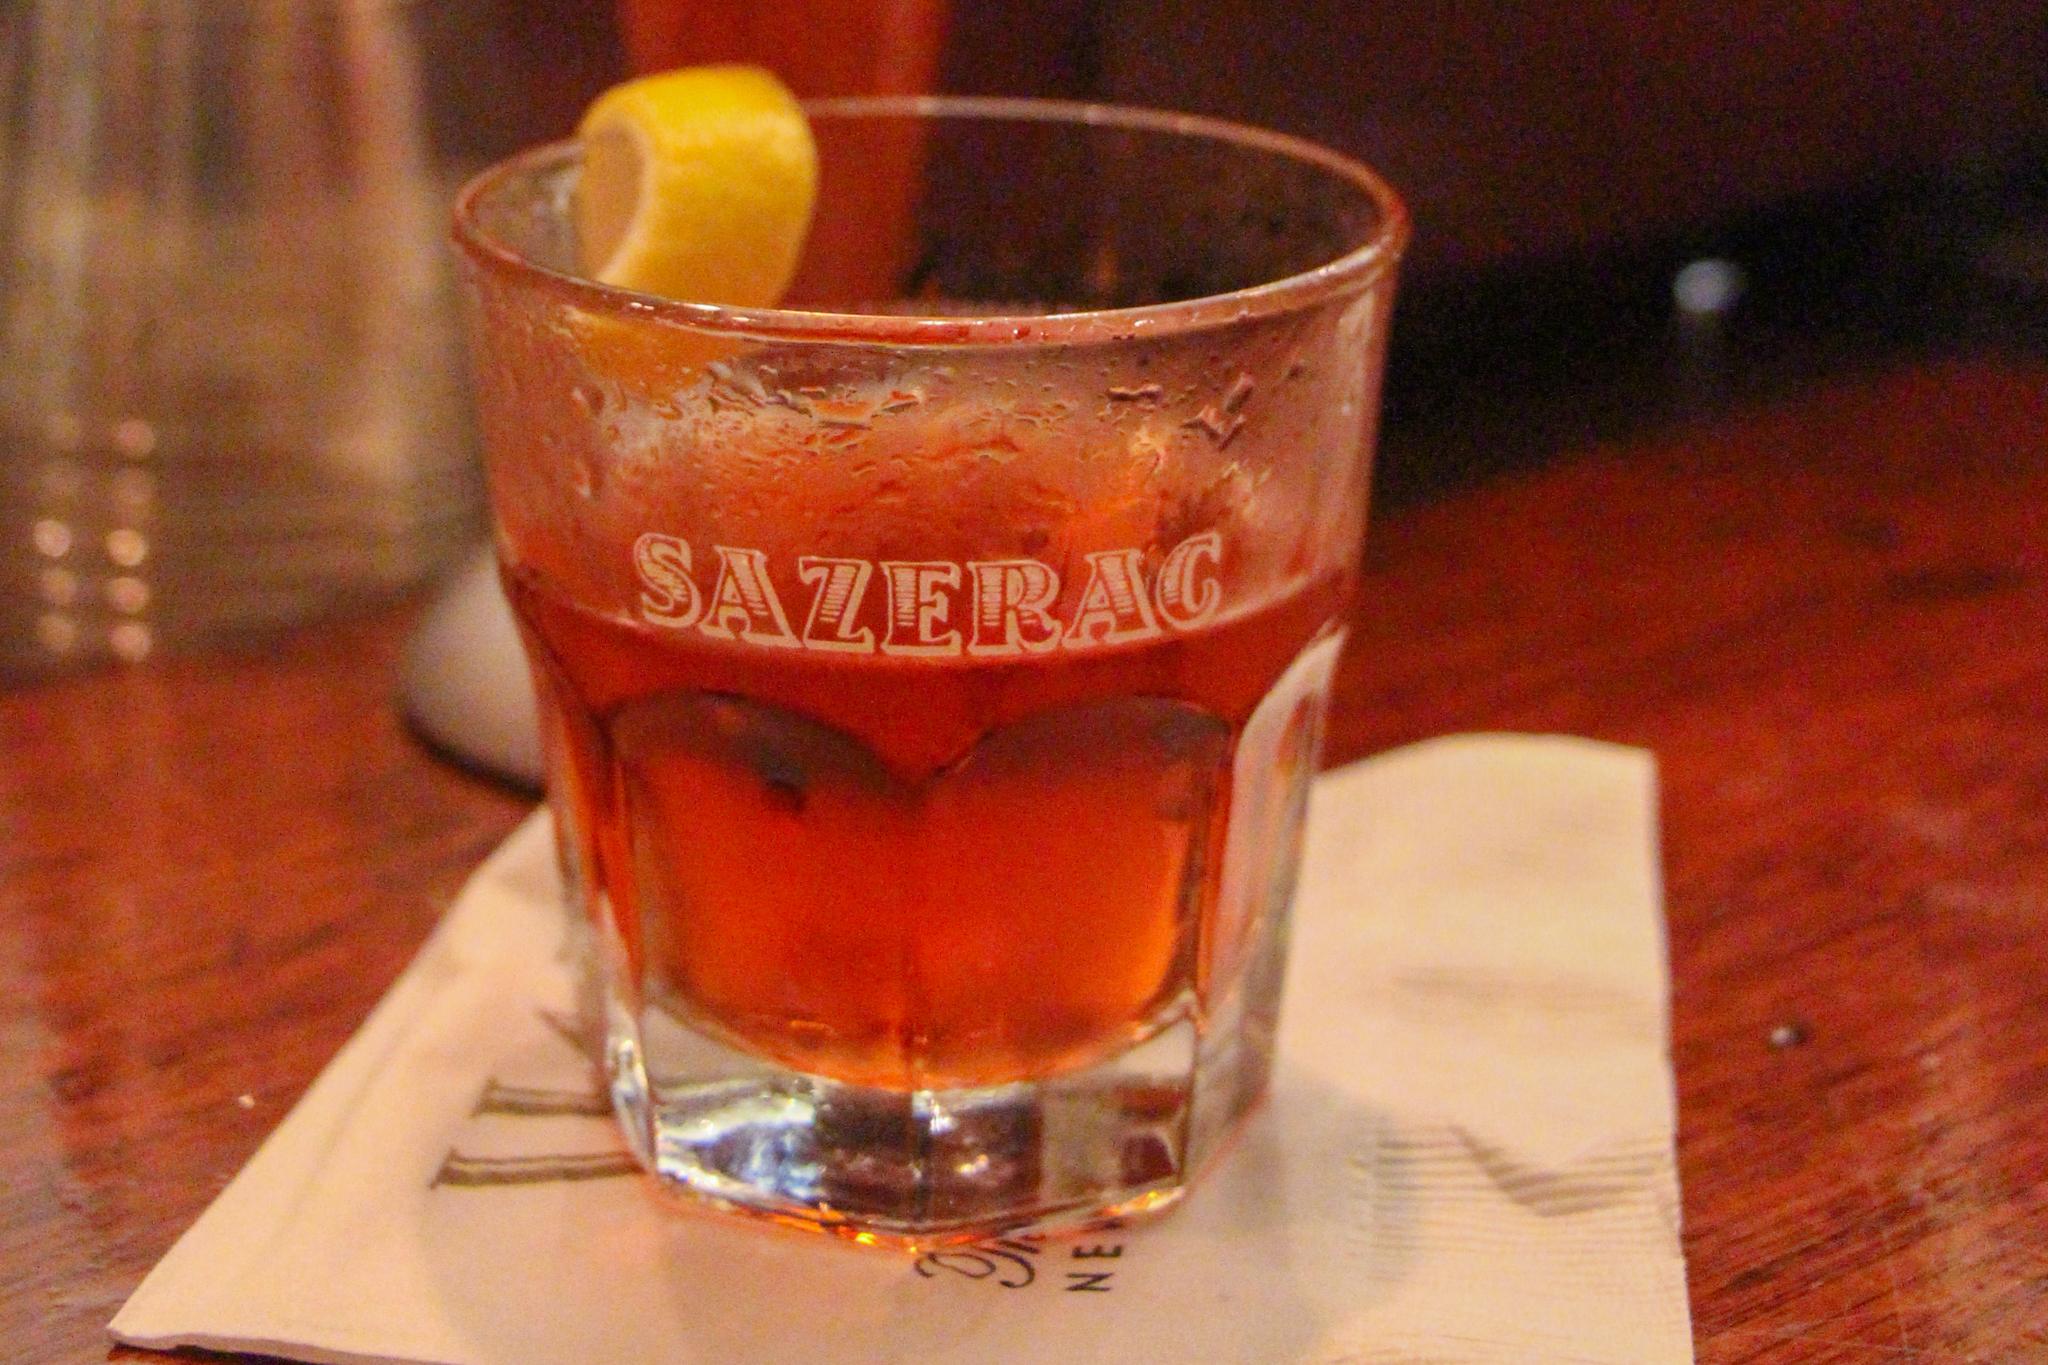 Sazarac Cocktail at Sazarac Bar NOLA